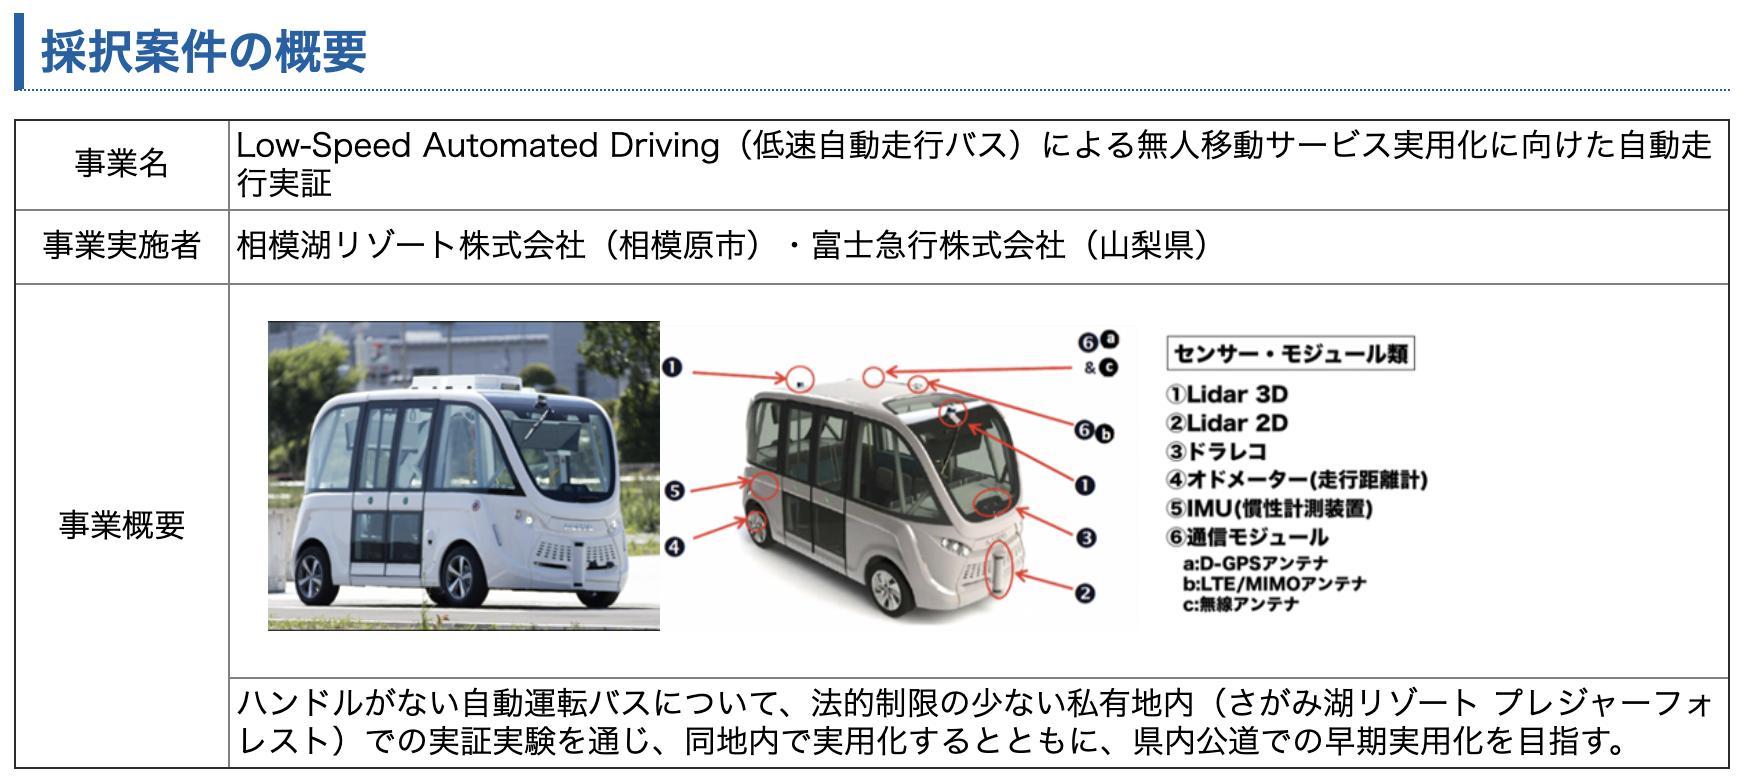 神奈川県、自動運転バス実証を最先端ロボットプロジェクトで採択